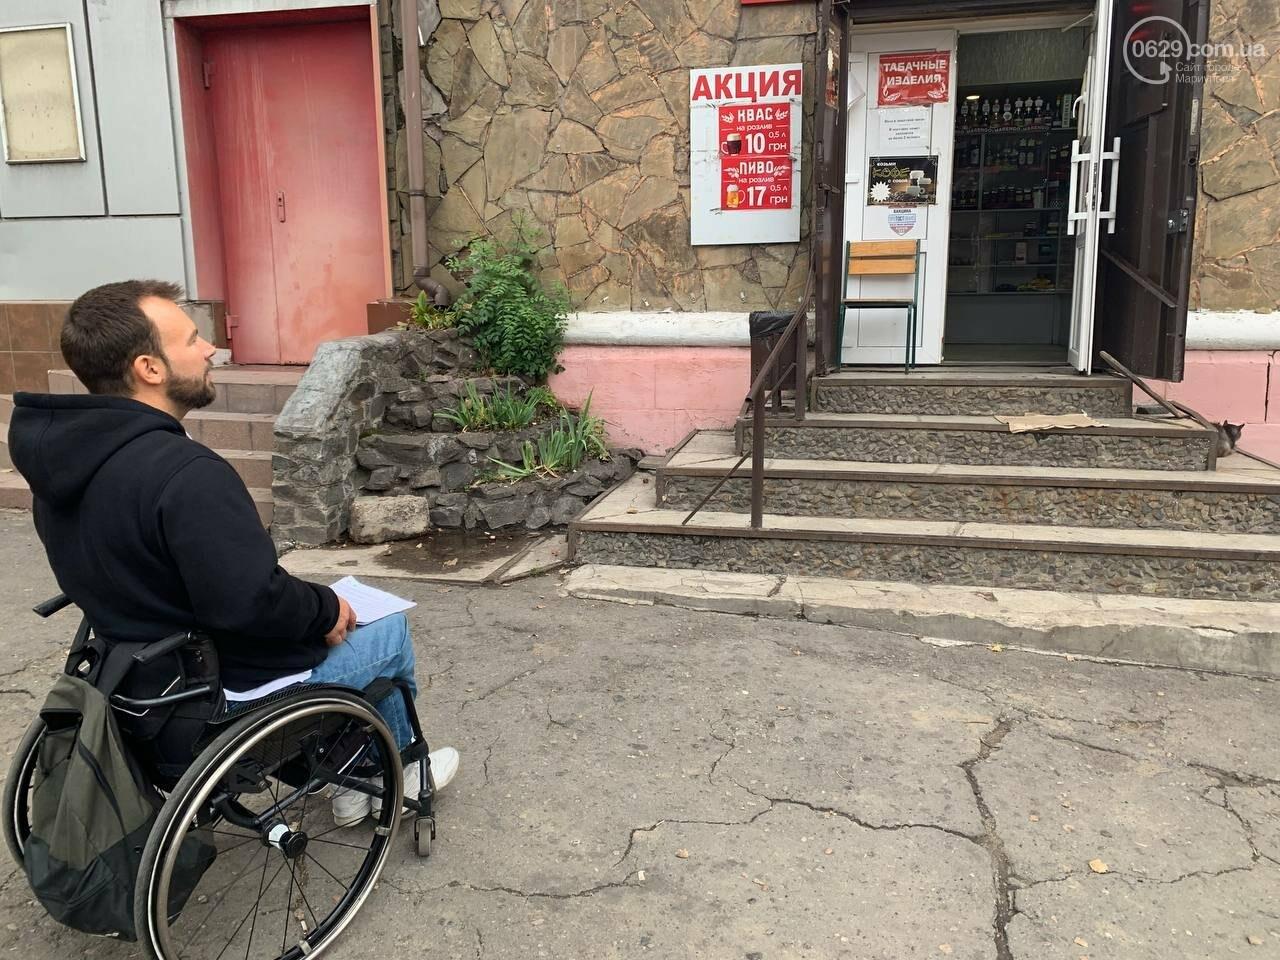 Маріуполь (не) доступний: інтерв'ю з Дмитром Щебетюком, одним з сотні найвпливовіших людей України, - ФОТО, фото-7